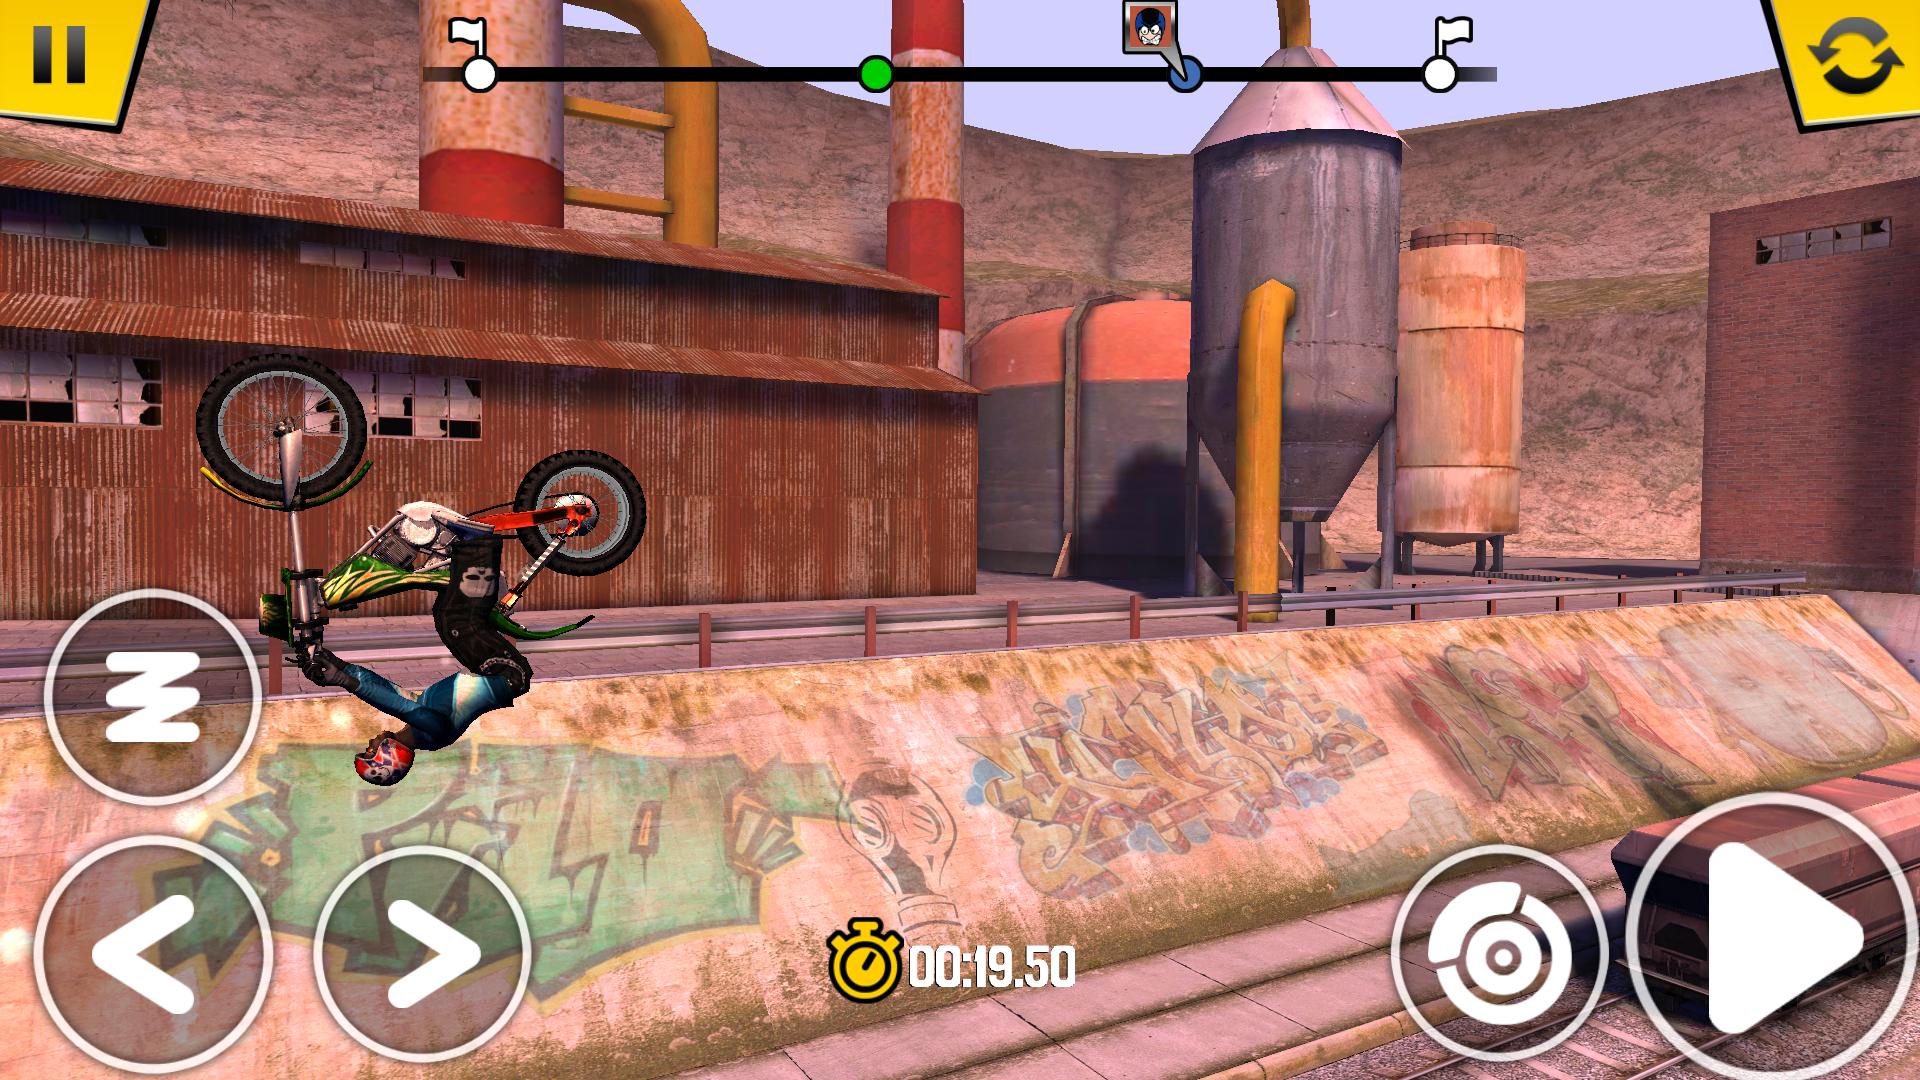 Des dizaines de jeux de course de moto vous permettront de maîtriser la puissance brute des moteurs de deux roues. Roulez jusqu'à la victoire sans payer un centime.